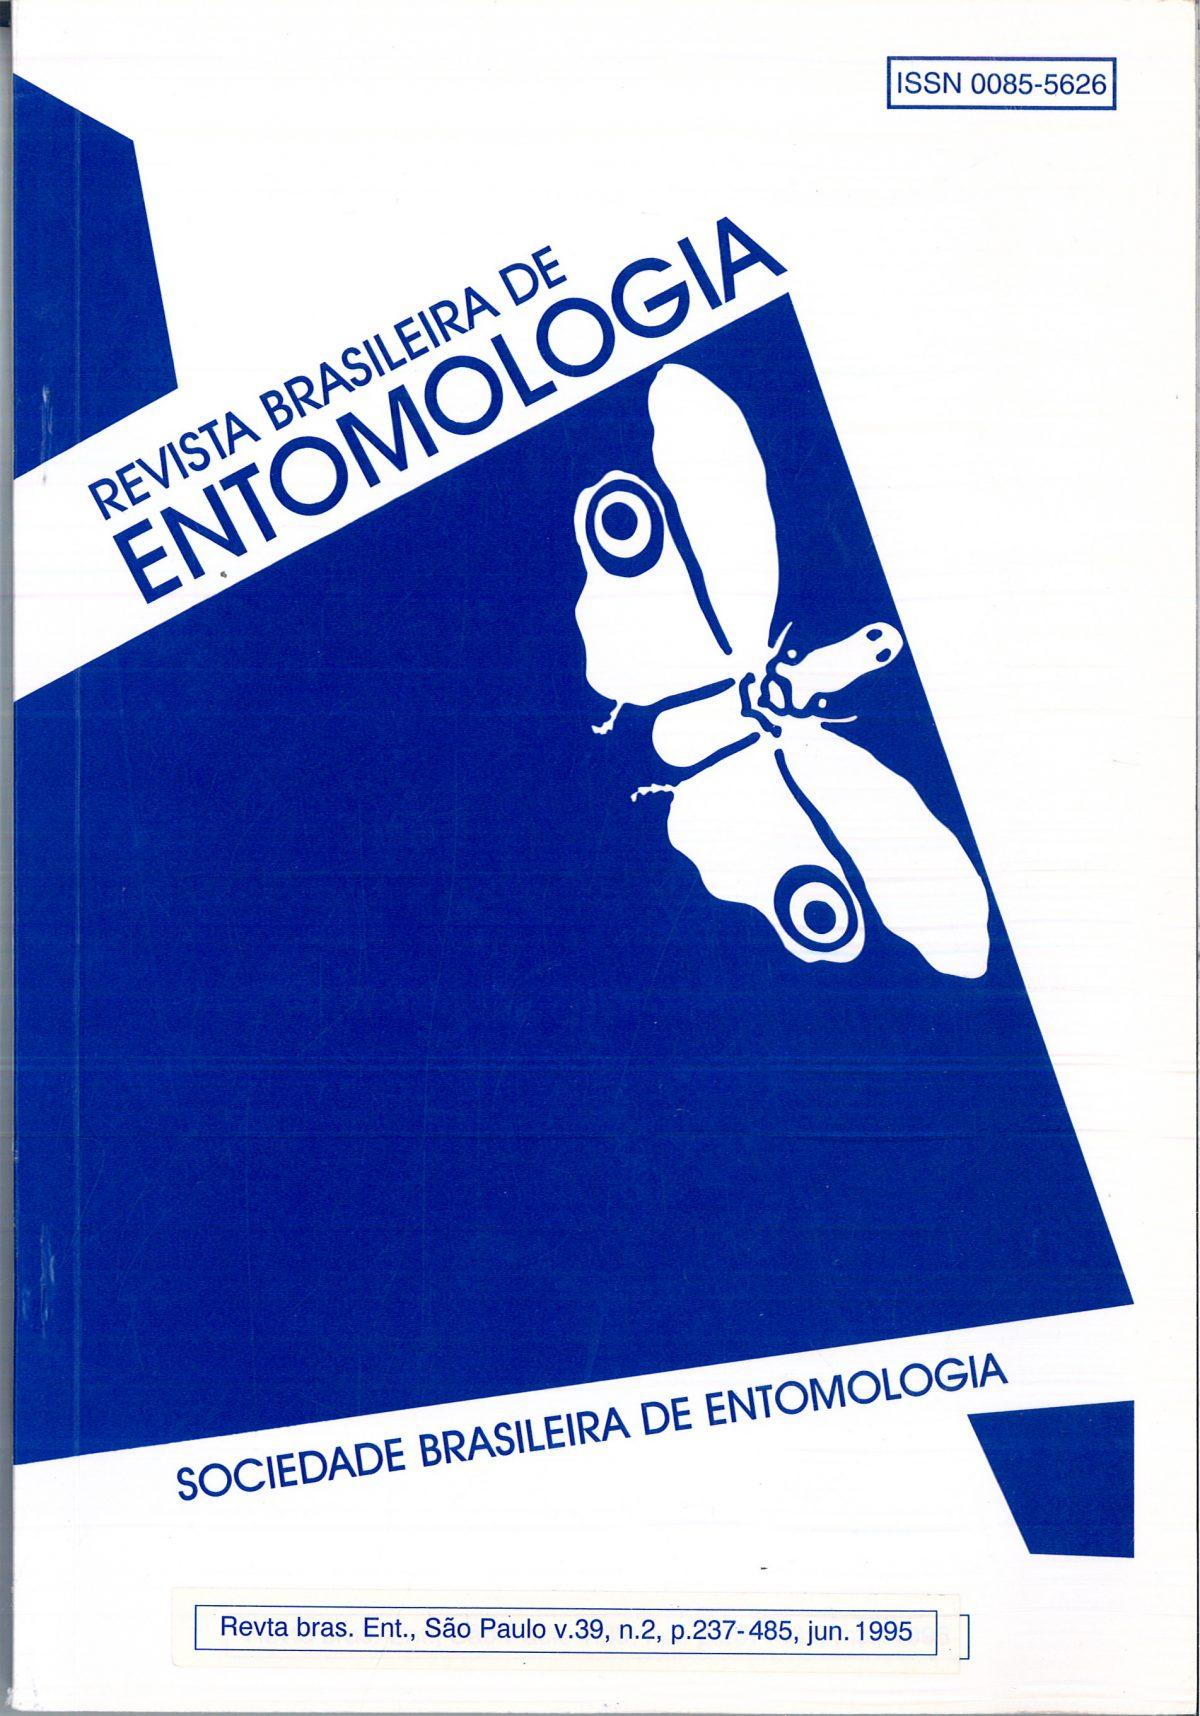 «Revista Brasileira de Entomologia»